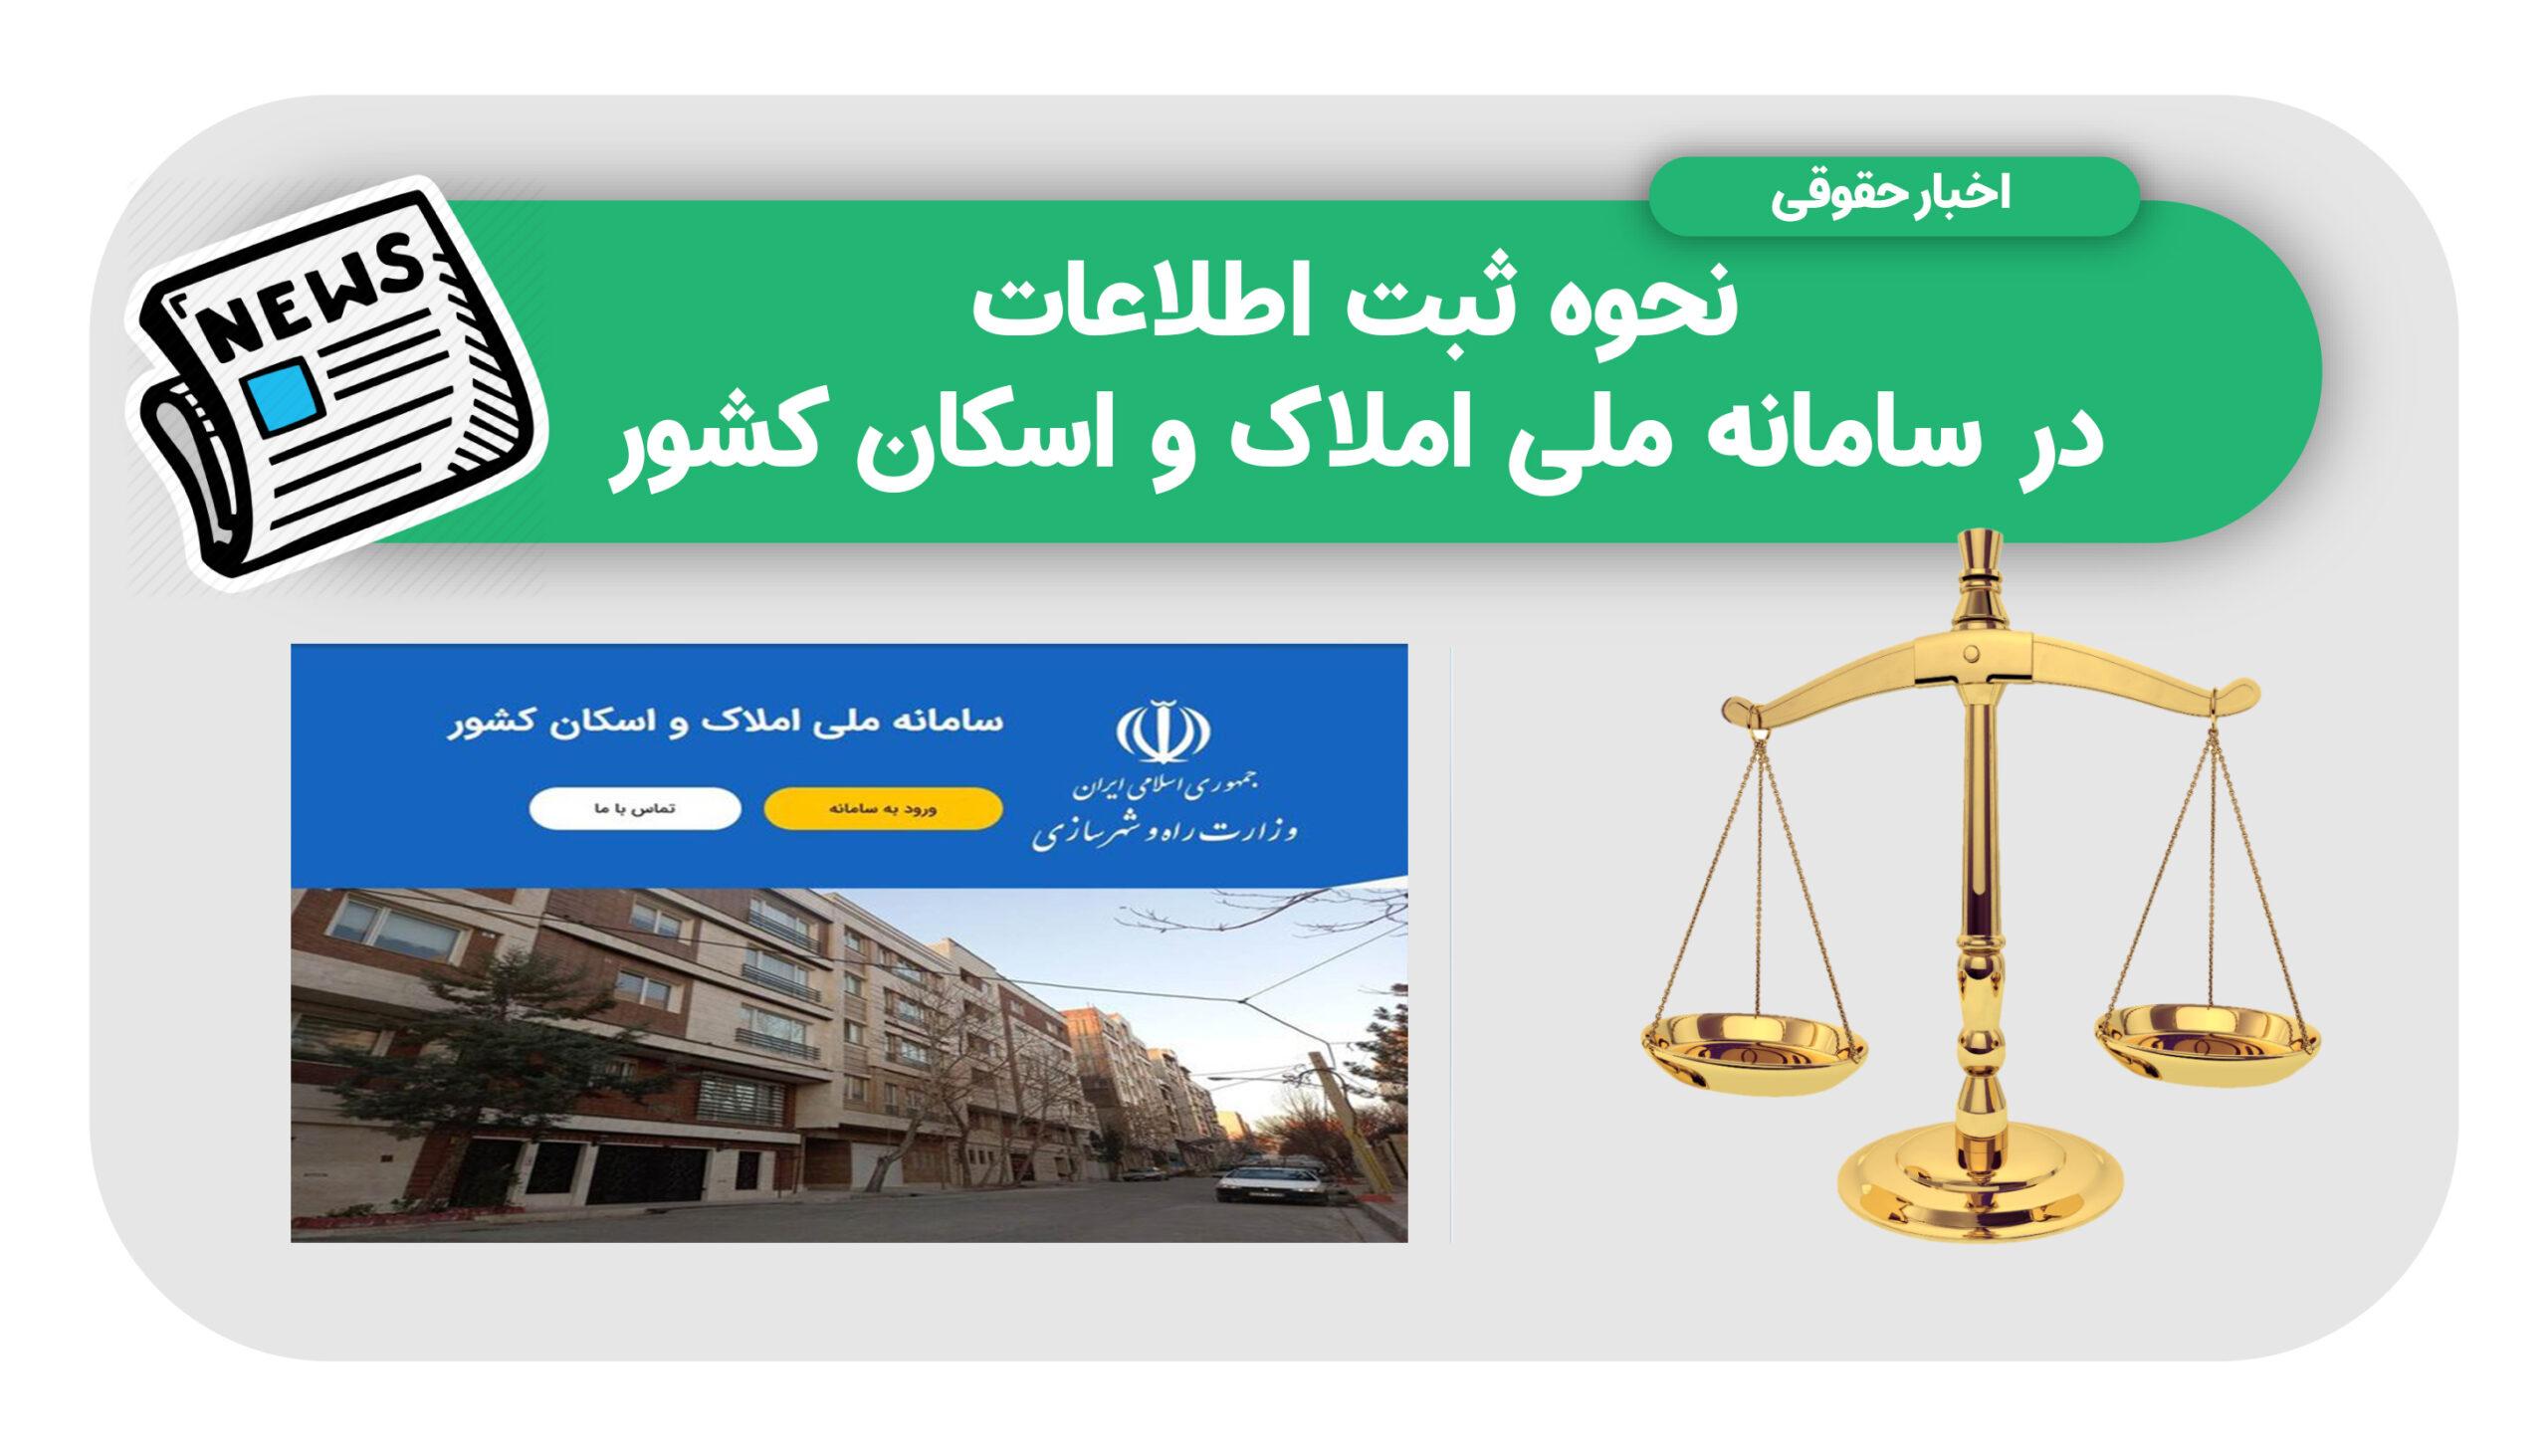 نحوه ثبت اطلاعات در سامانه ملی املاک و اسکان کشور